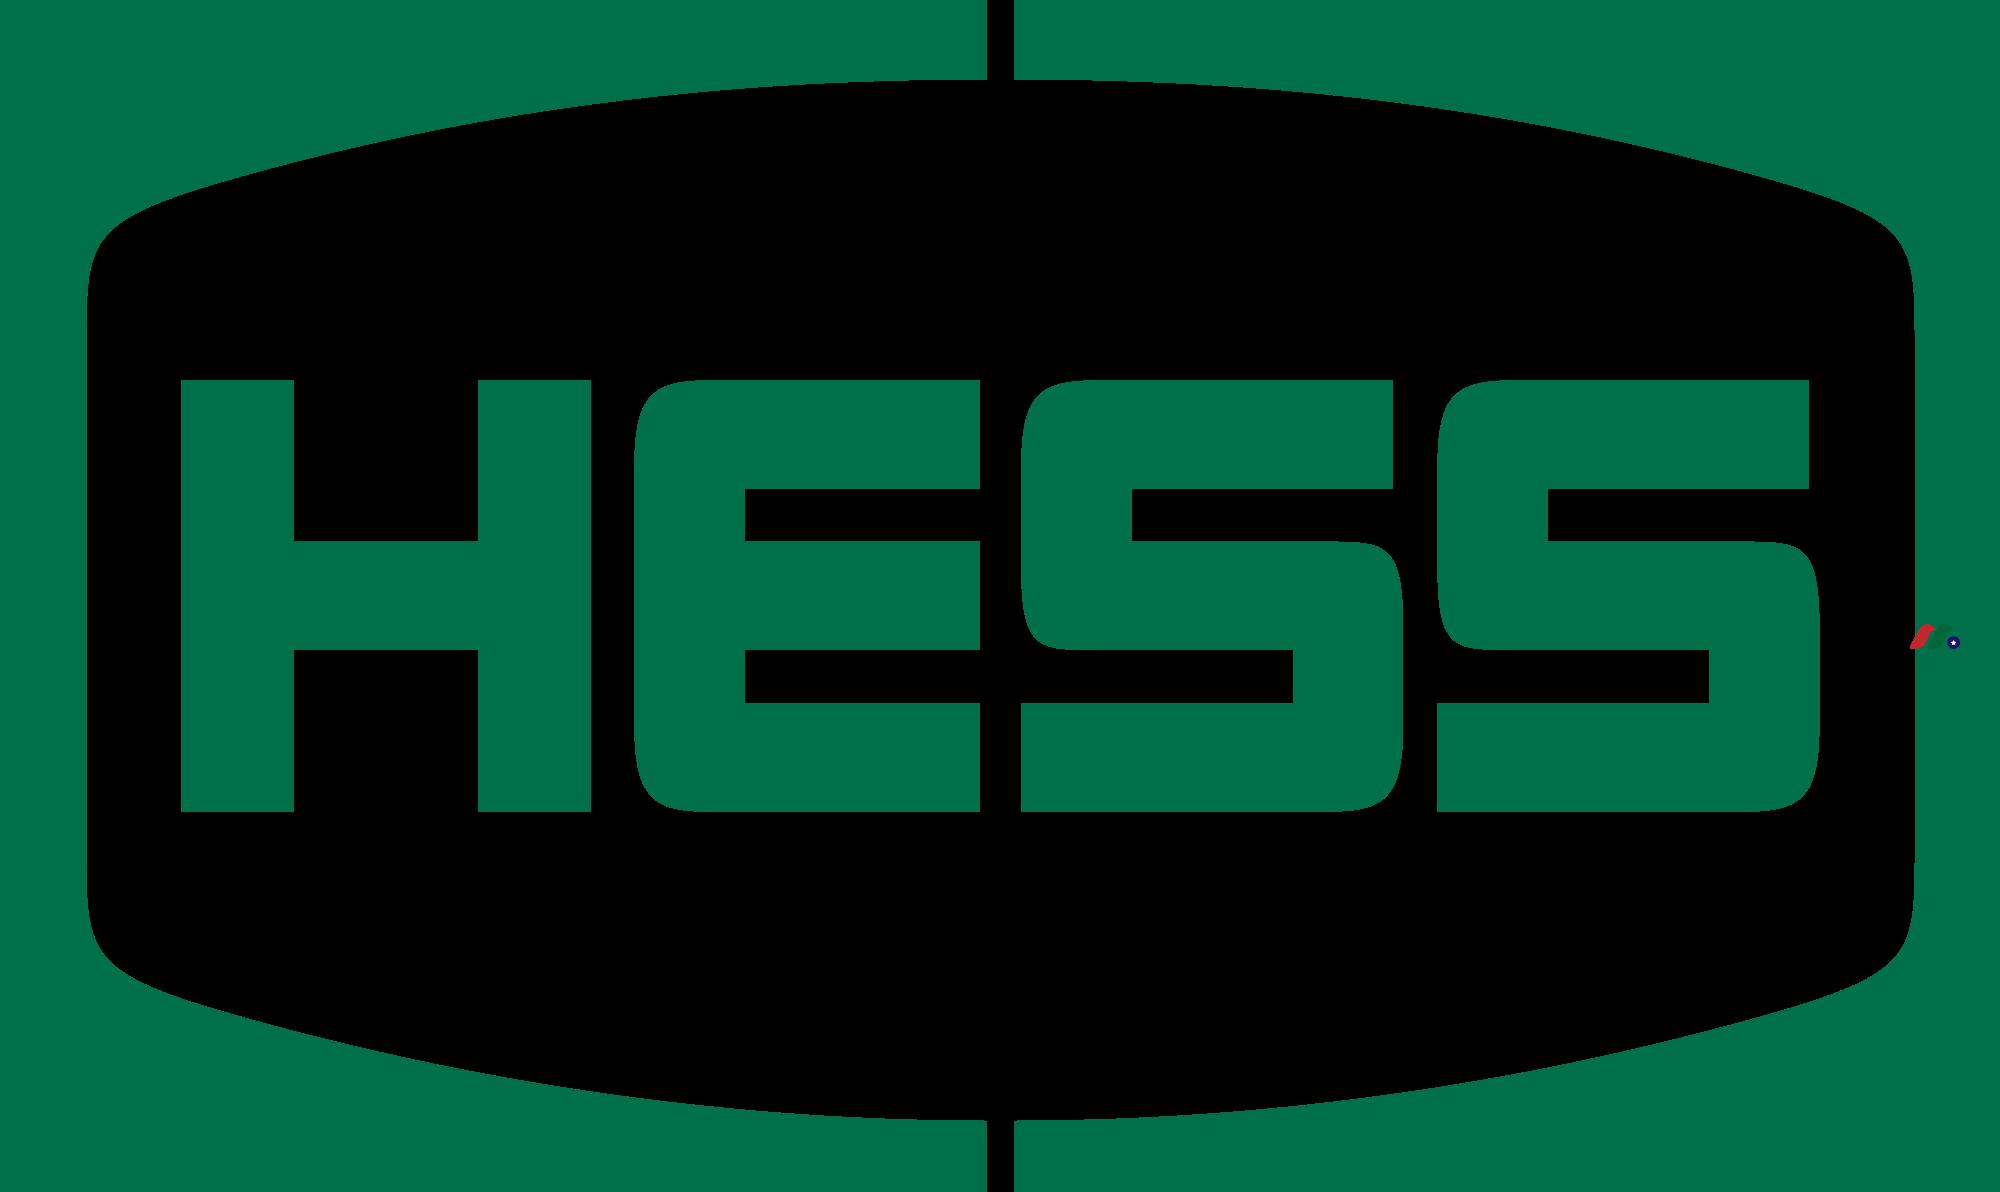 新股上市:石油中游资产公司Hess Midstream Partners(HESM)